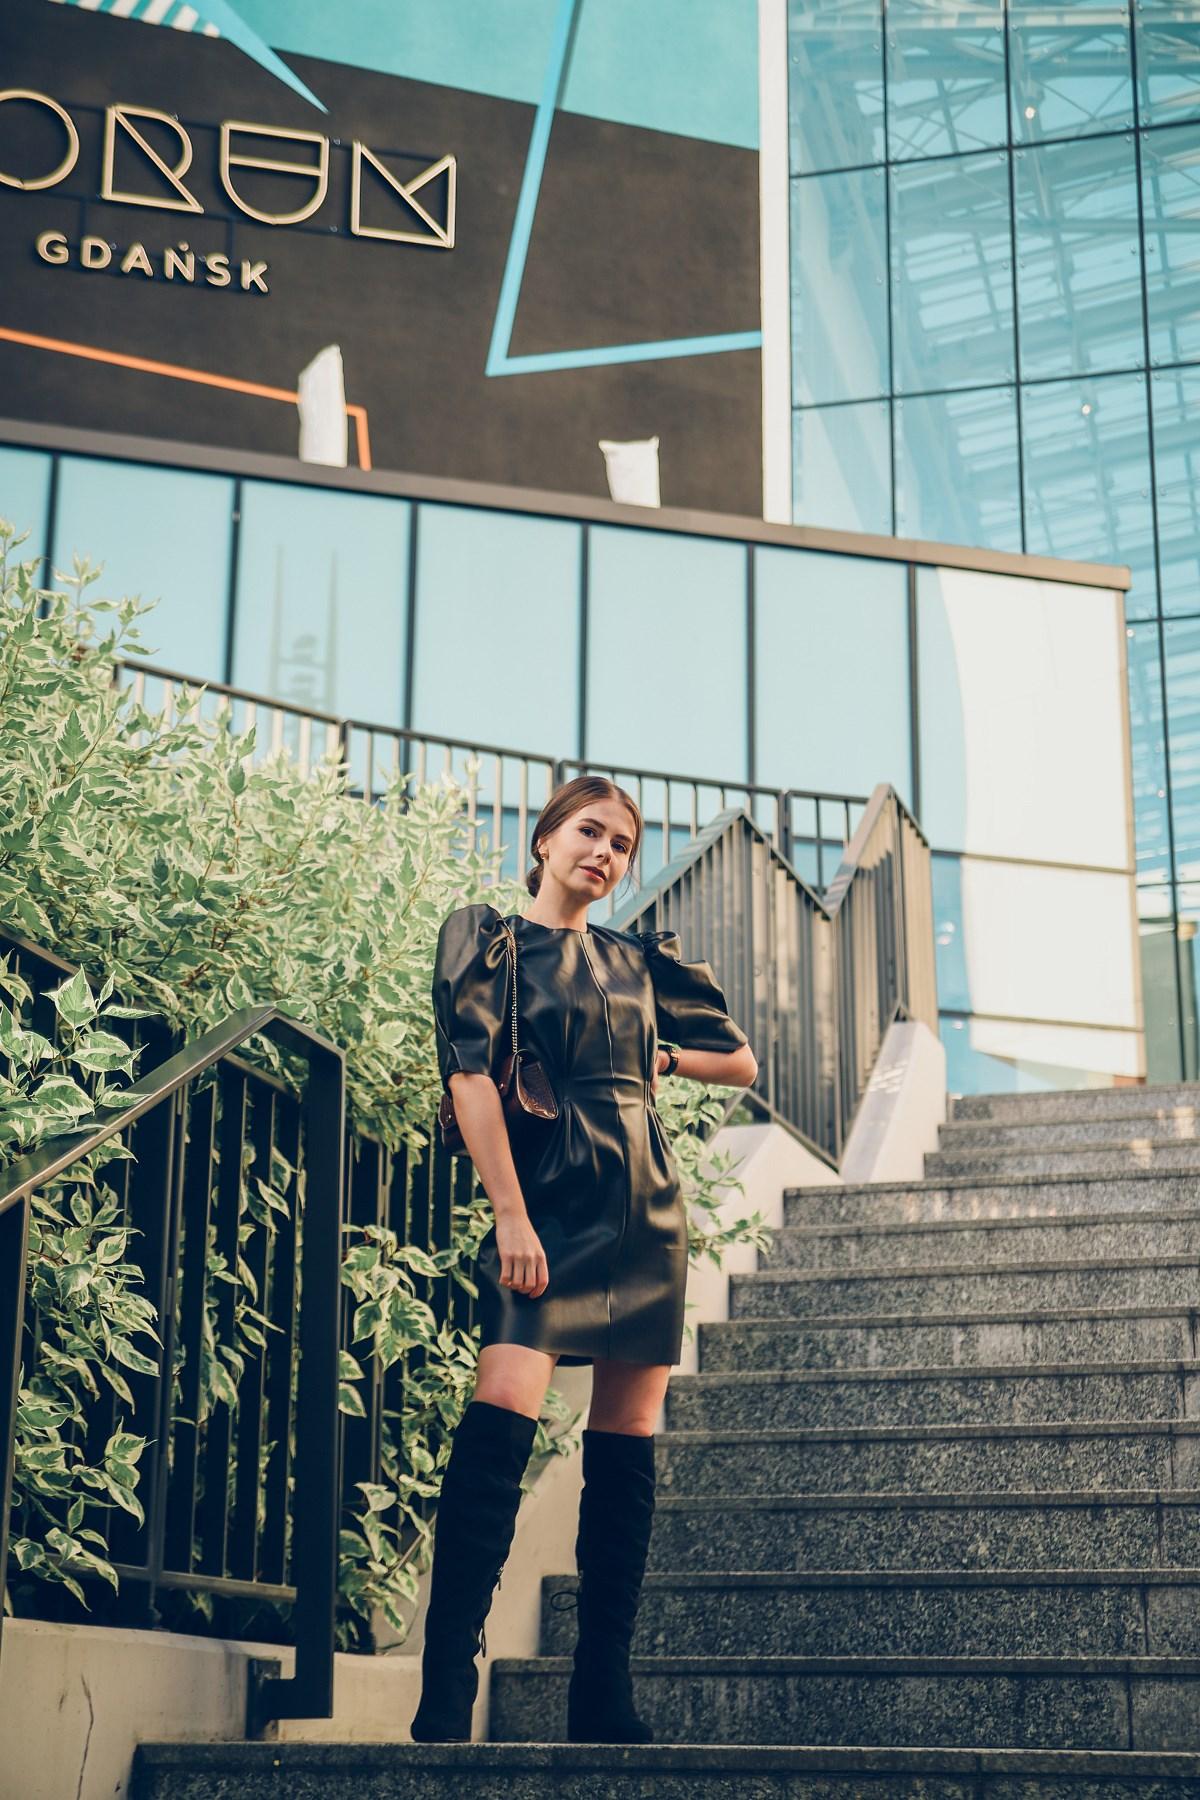 skórzana sukienka Zara Forum Gdańsk